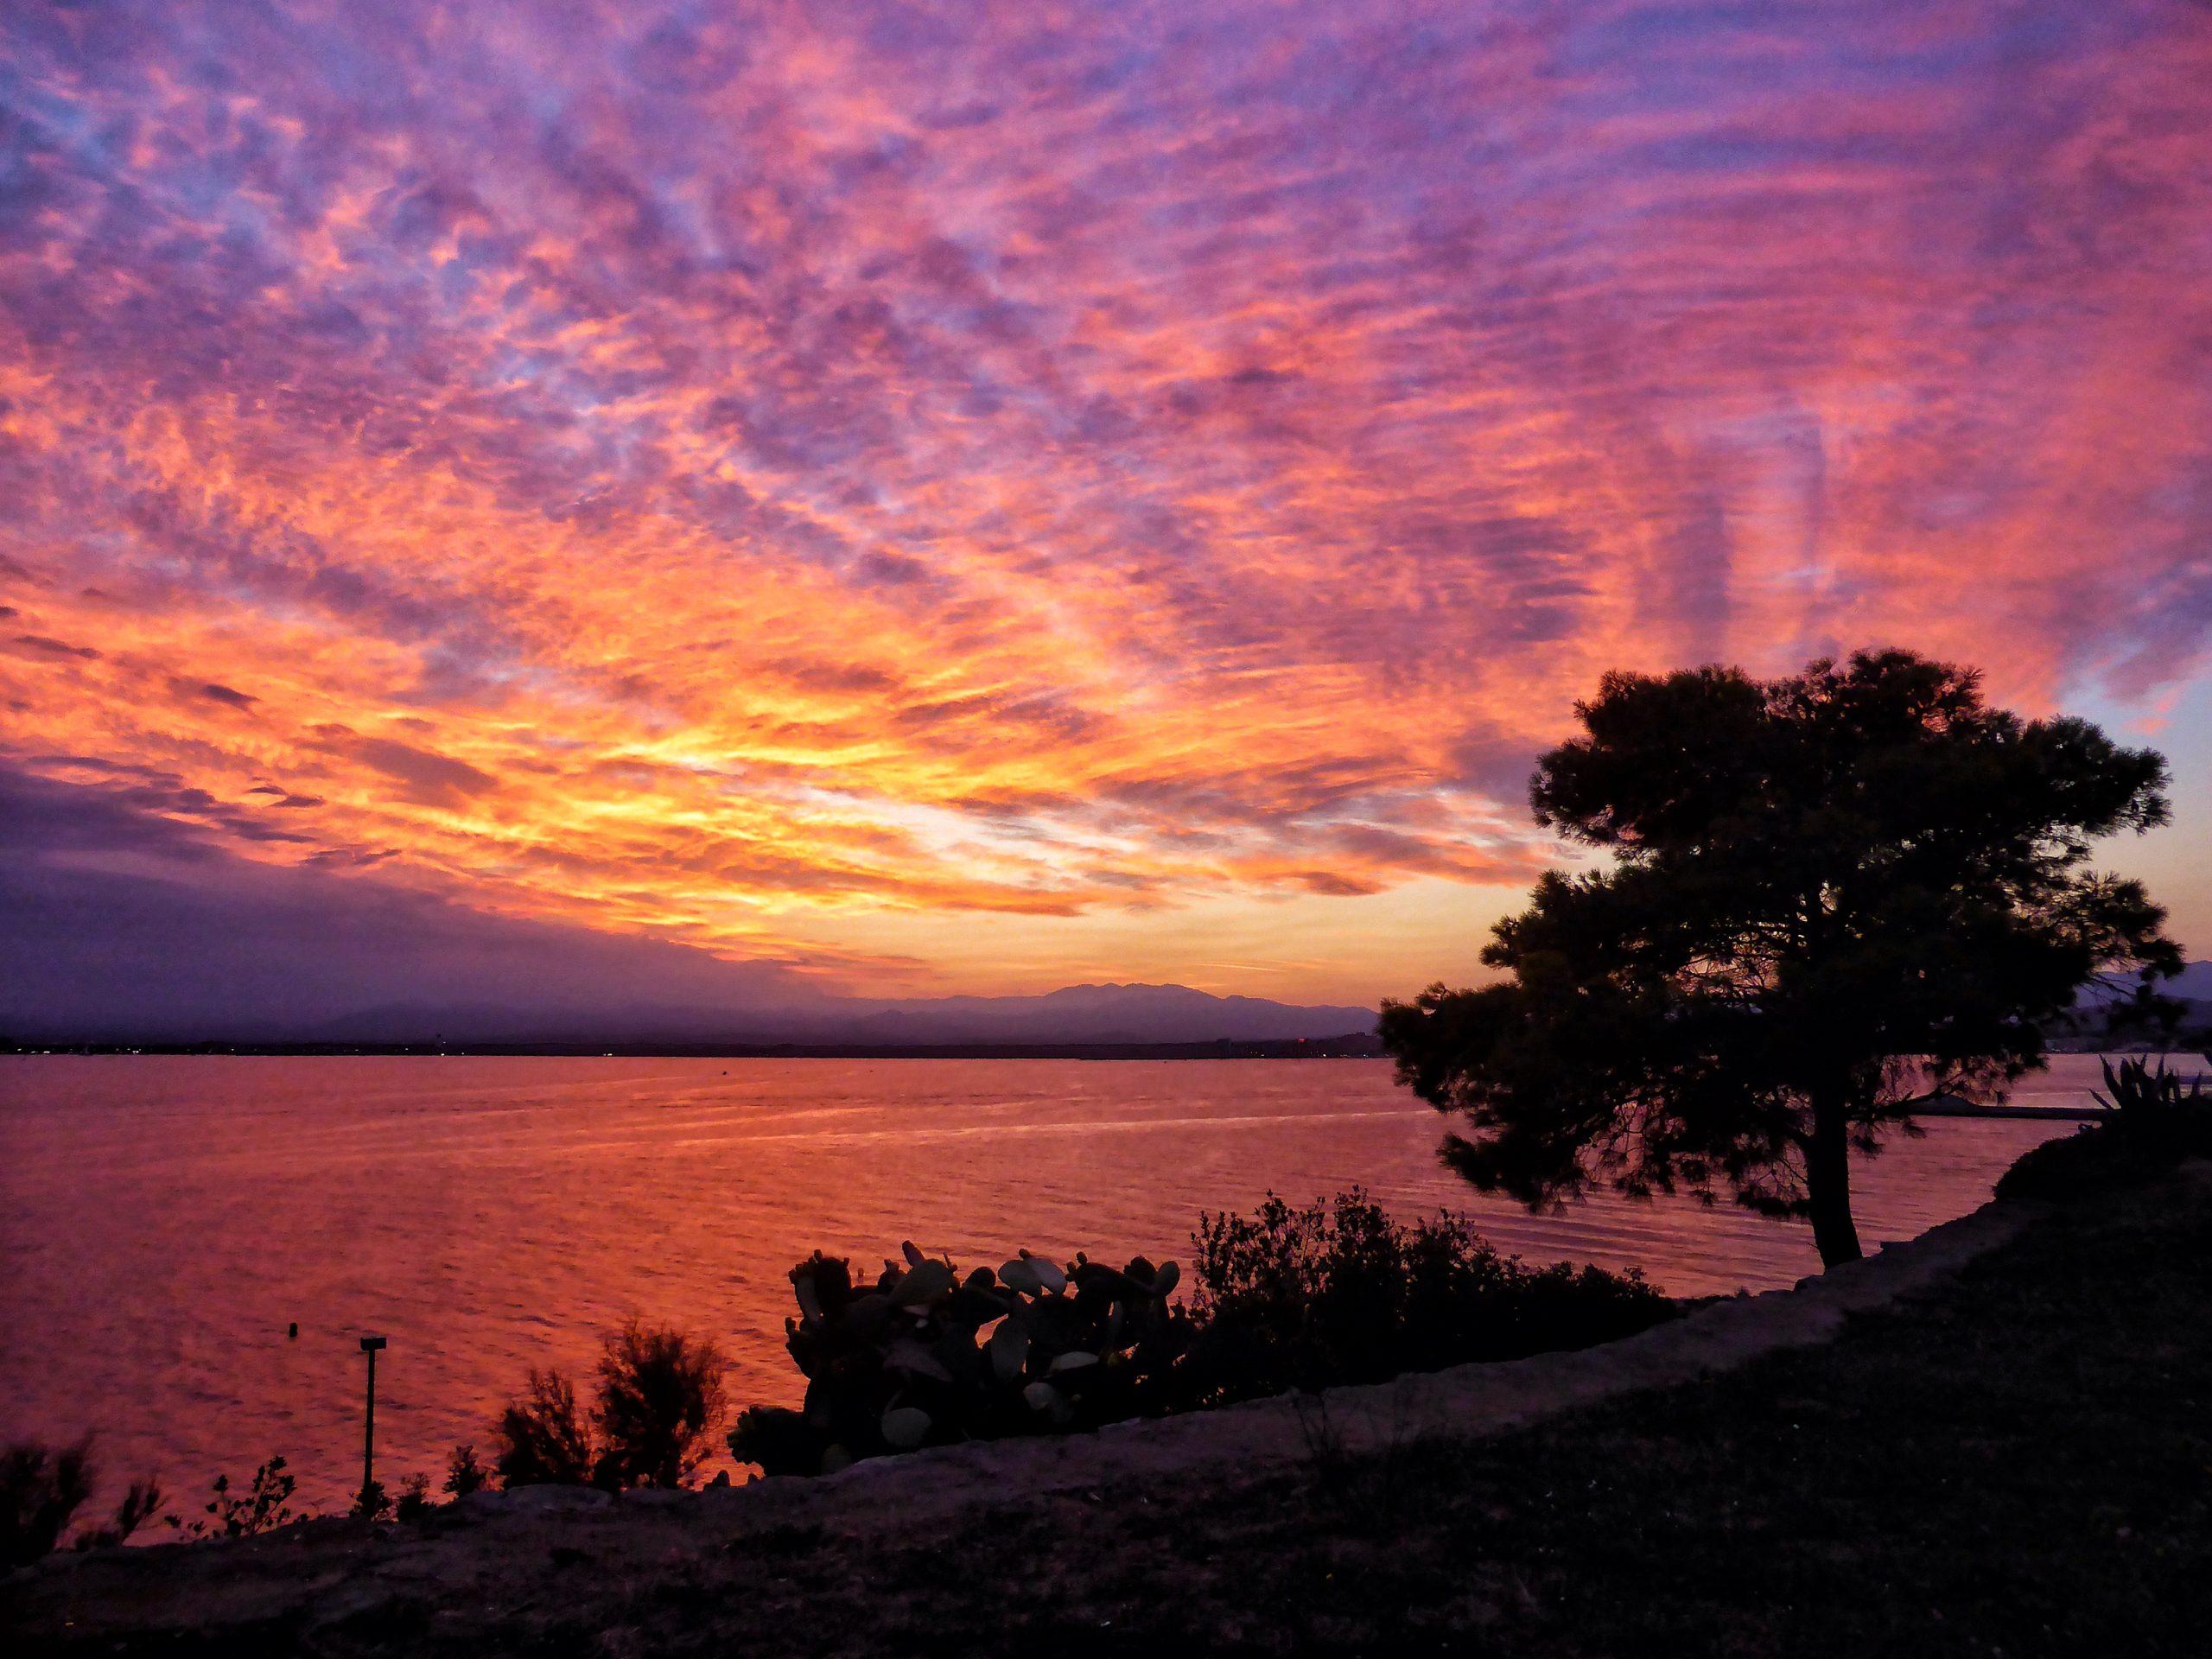 El concurs fotogràfic de la posta de sol de Roses, en marxa